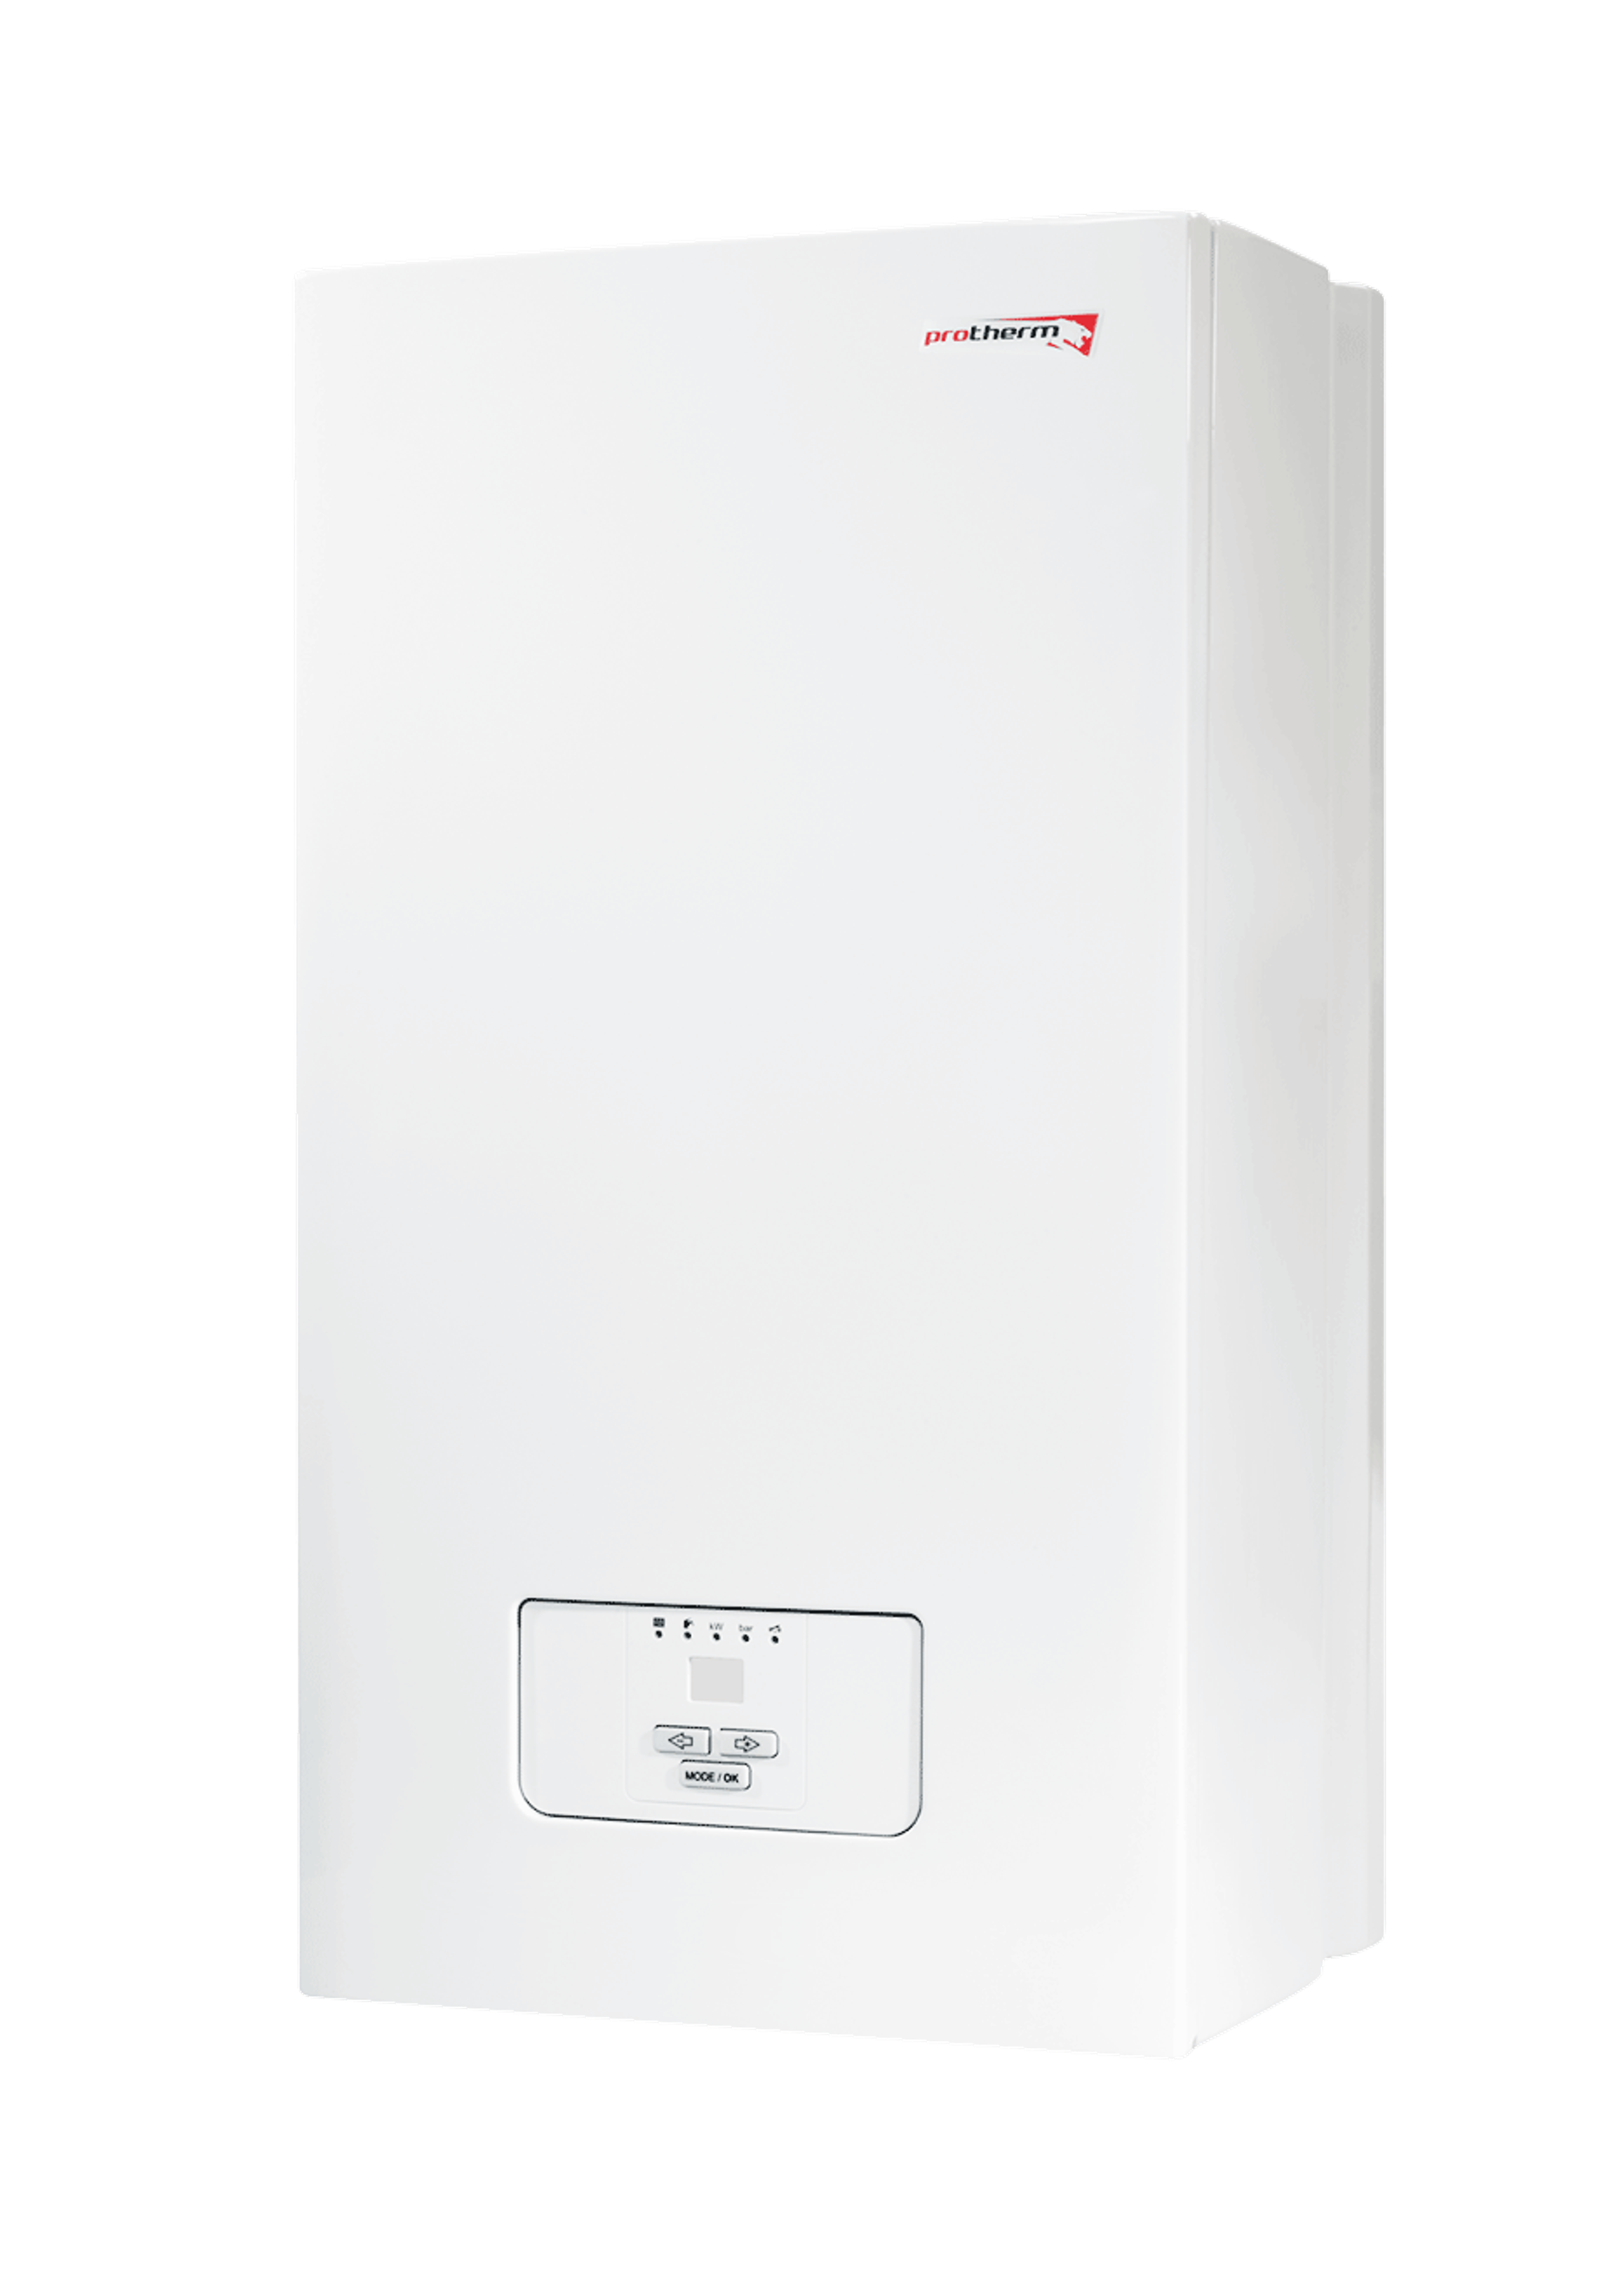 Котел электрический Protherm Скат 24 KR 13 (24 кВт), 380В